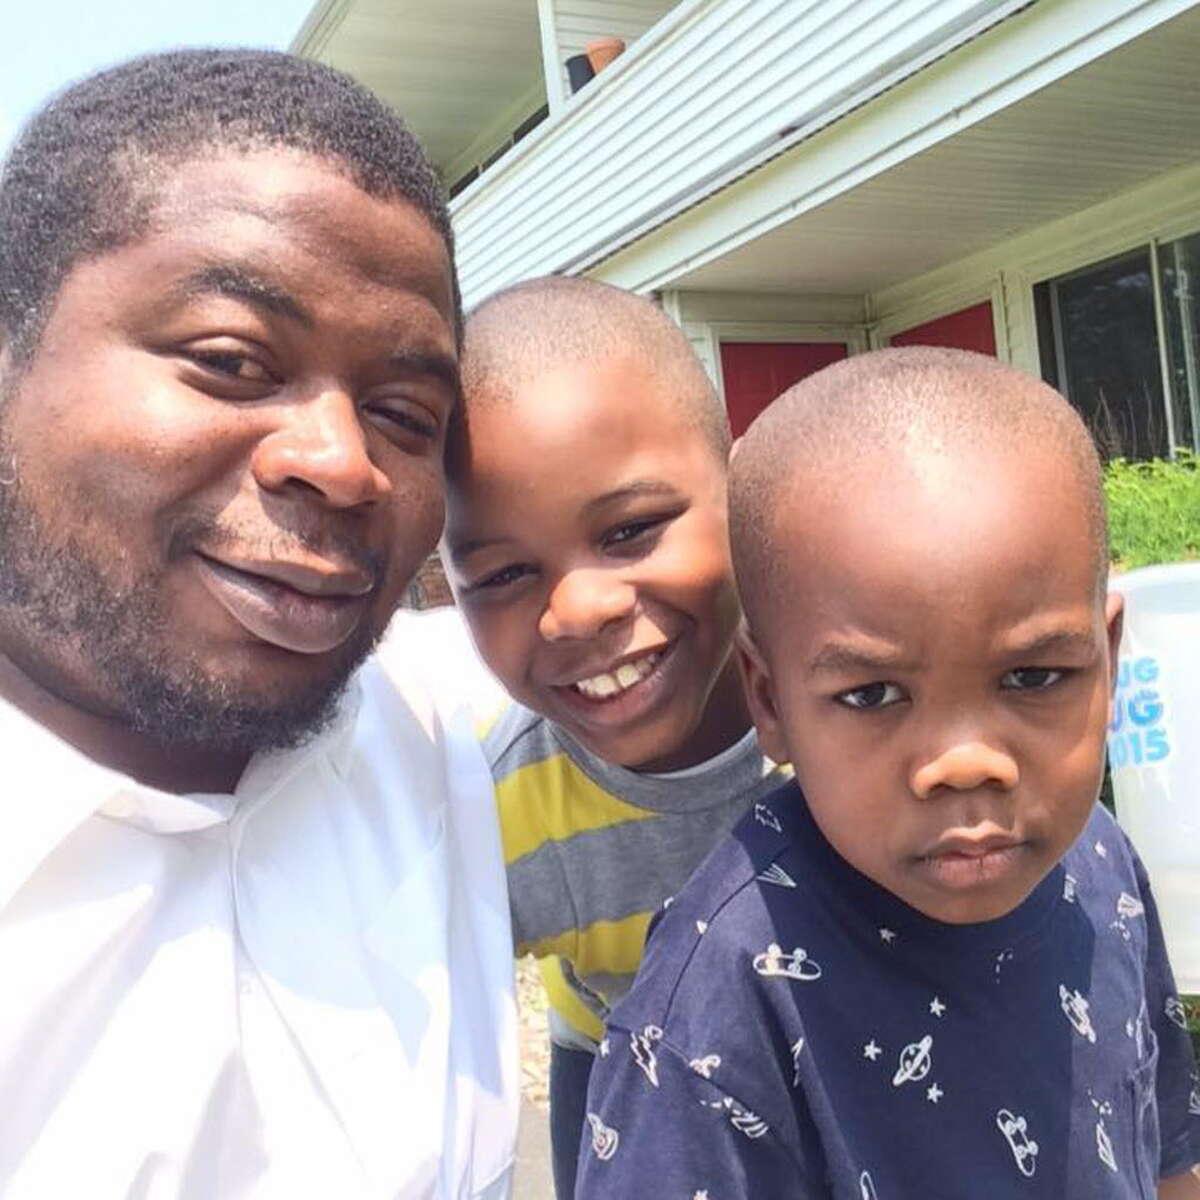 Edson Thevenin, 37. (Facebook)